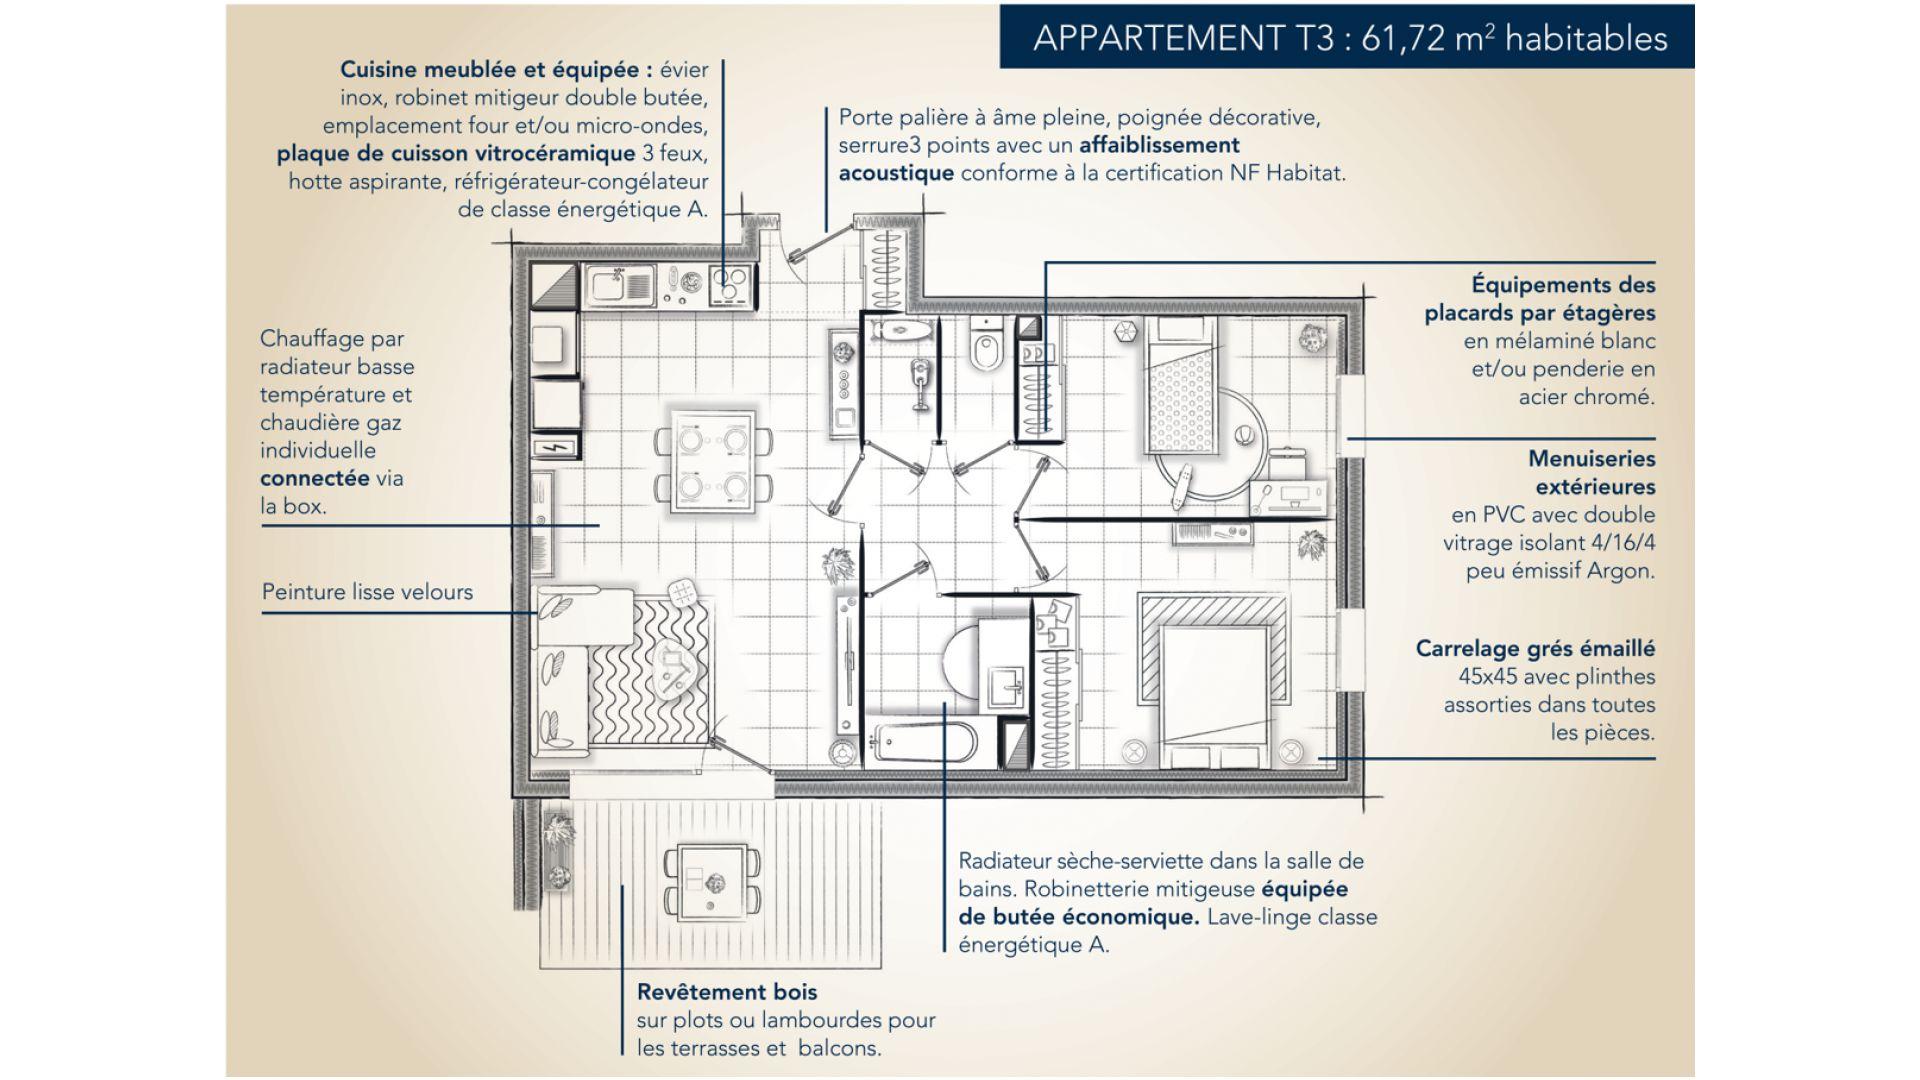 GreenCity immobilier - Résidence Cours Adrienne - 31100 Toulouse Saint-Simon - Appartements neufs du T2 au T3 duplex - plan appartement